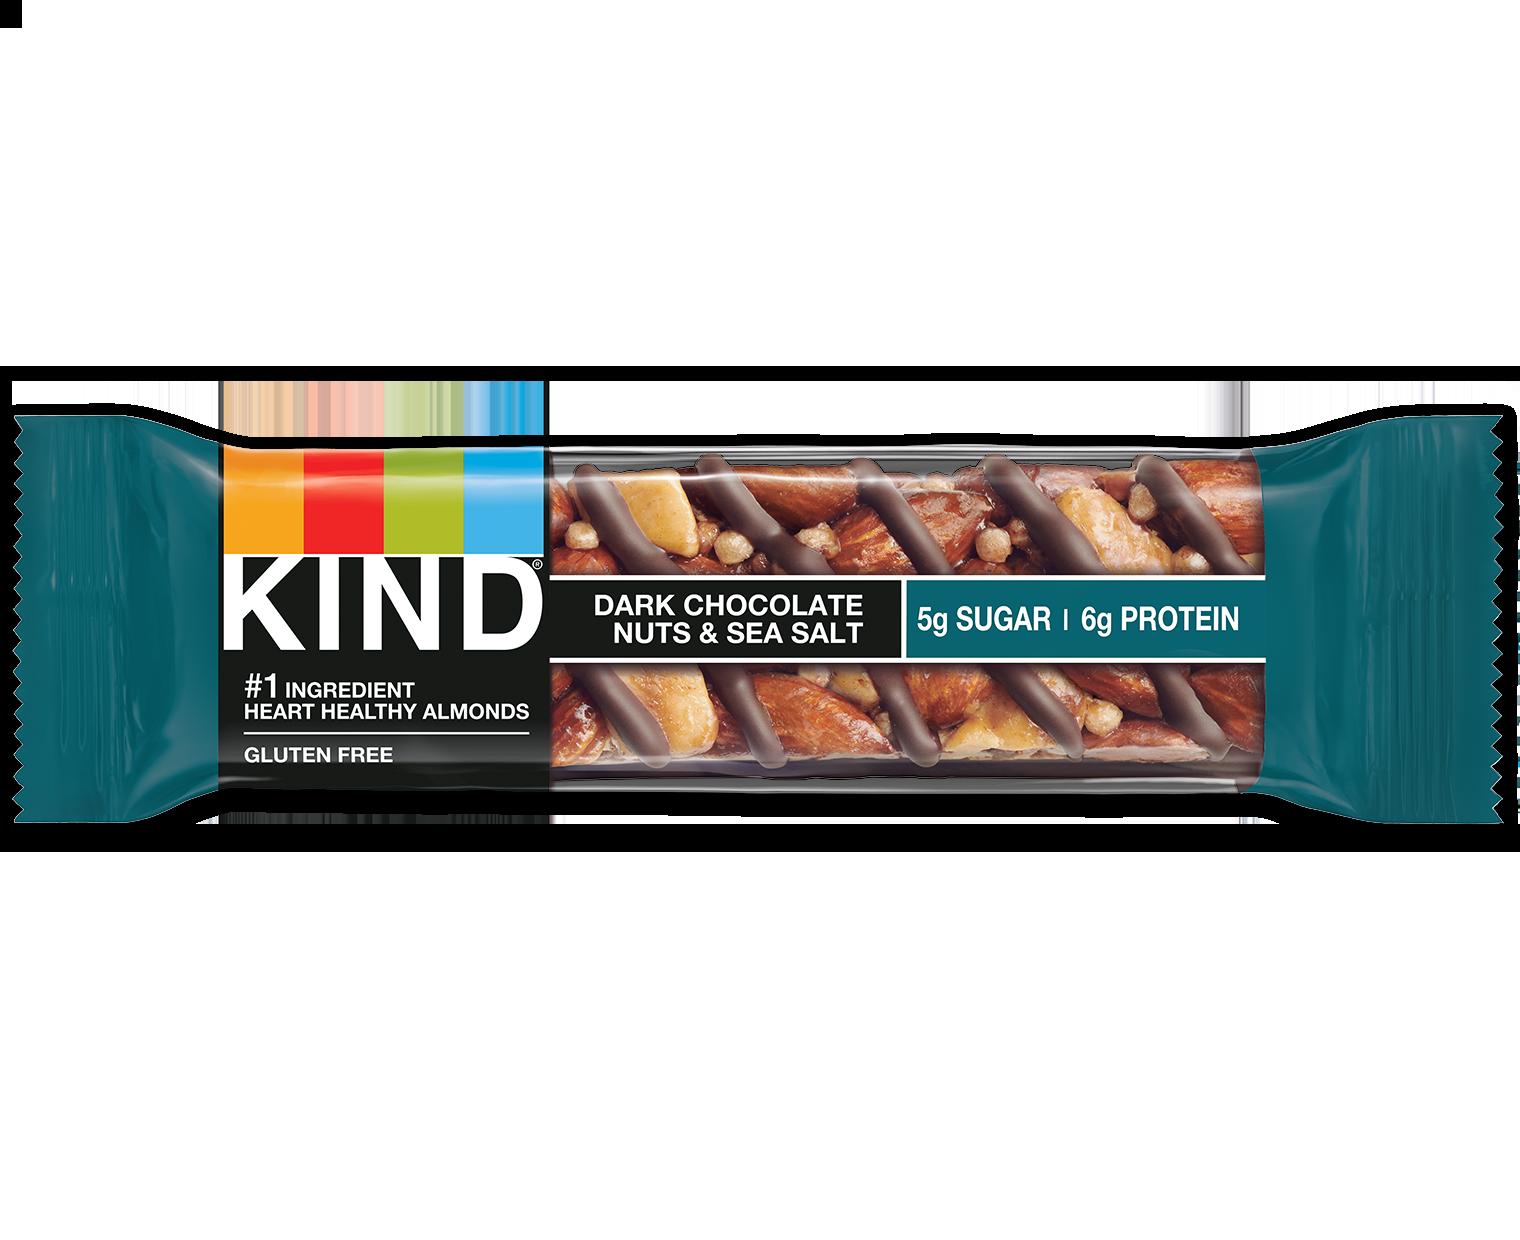 Dark Chocolate Nuts Sea Salt Bars Mixed Nut Bars Kind